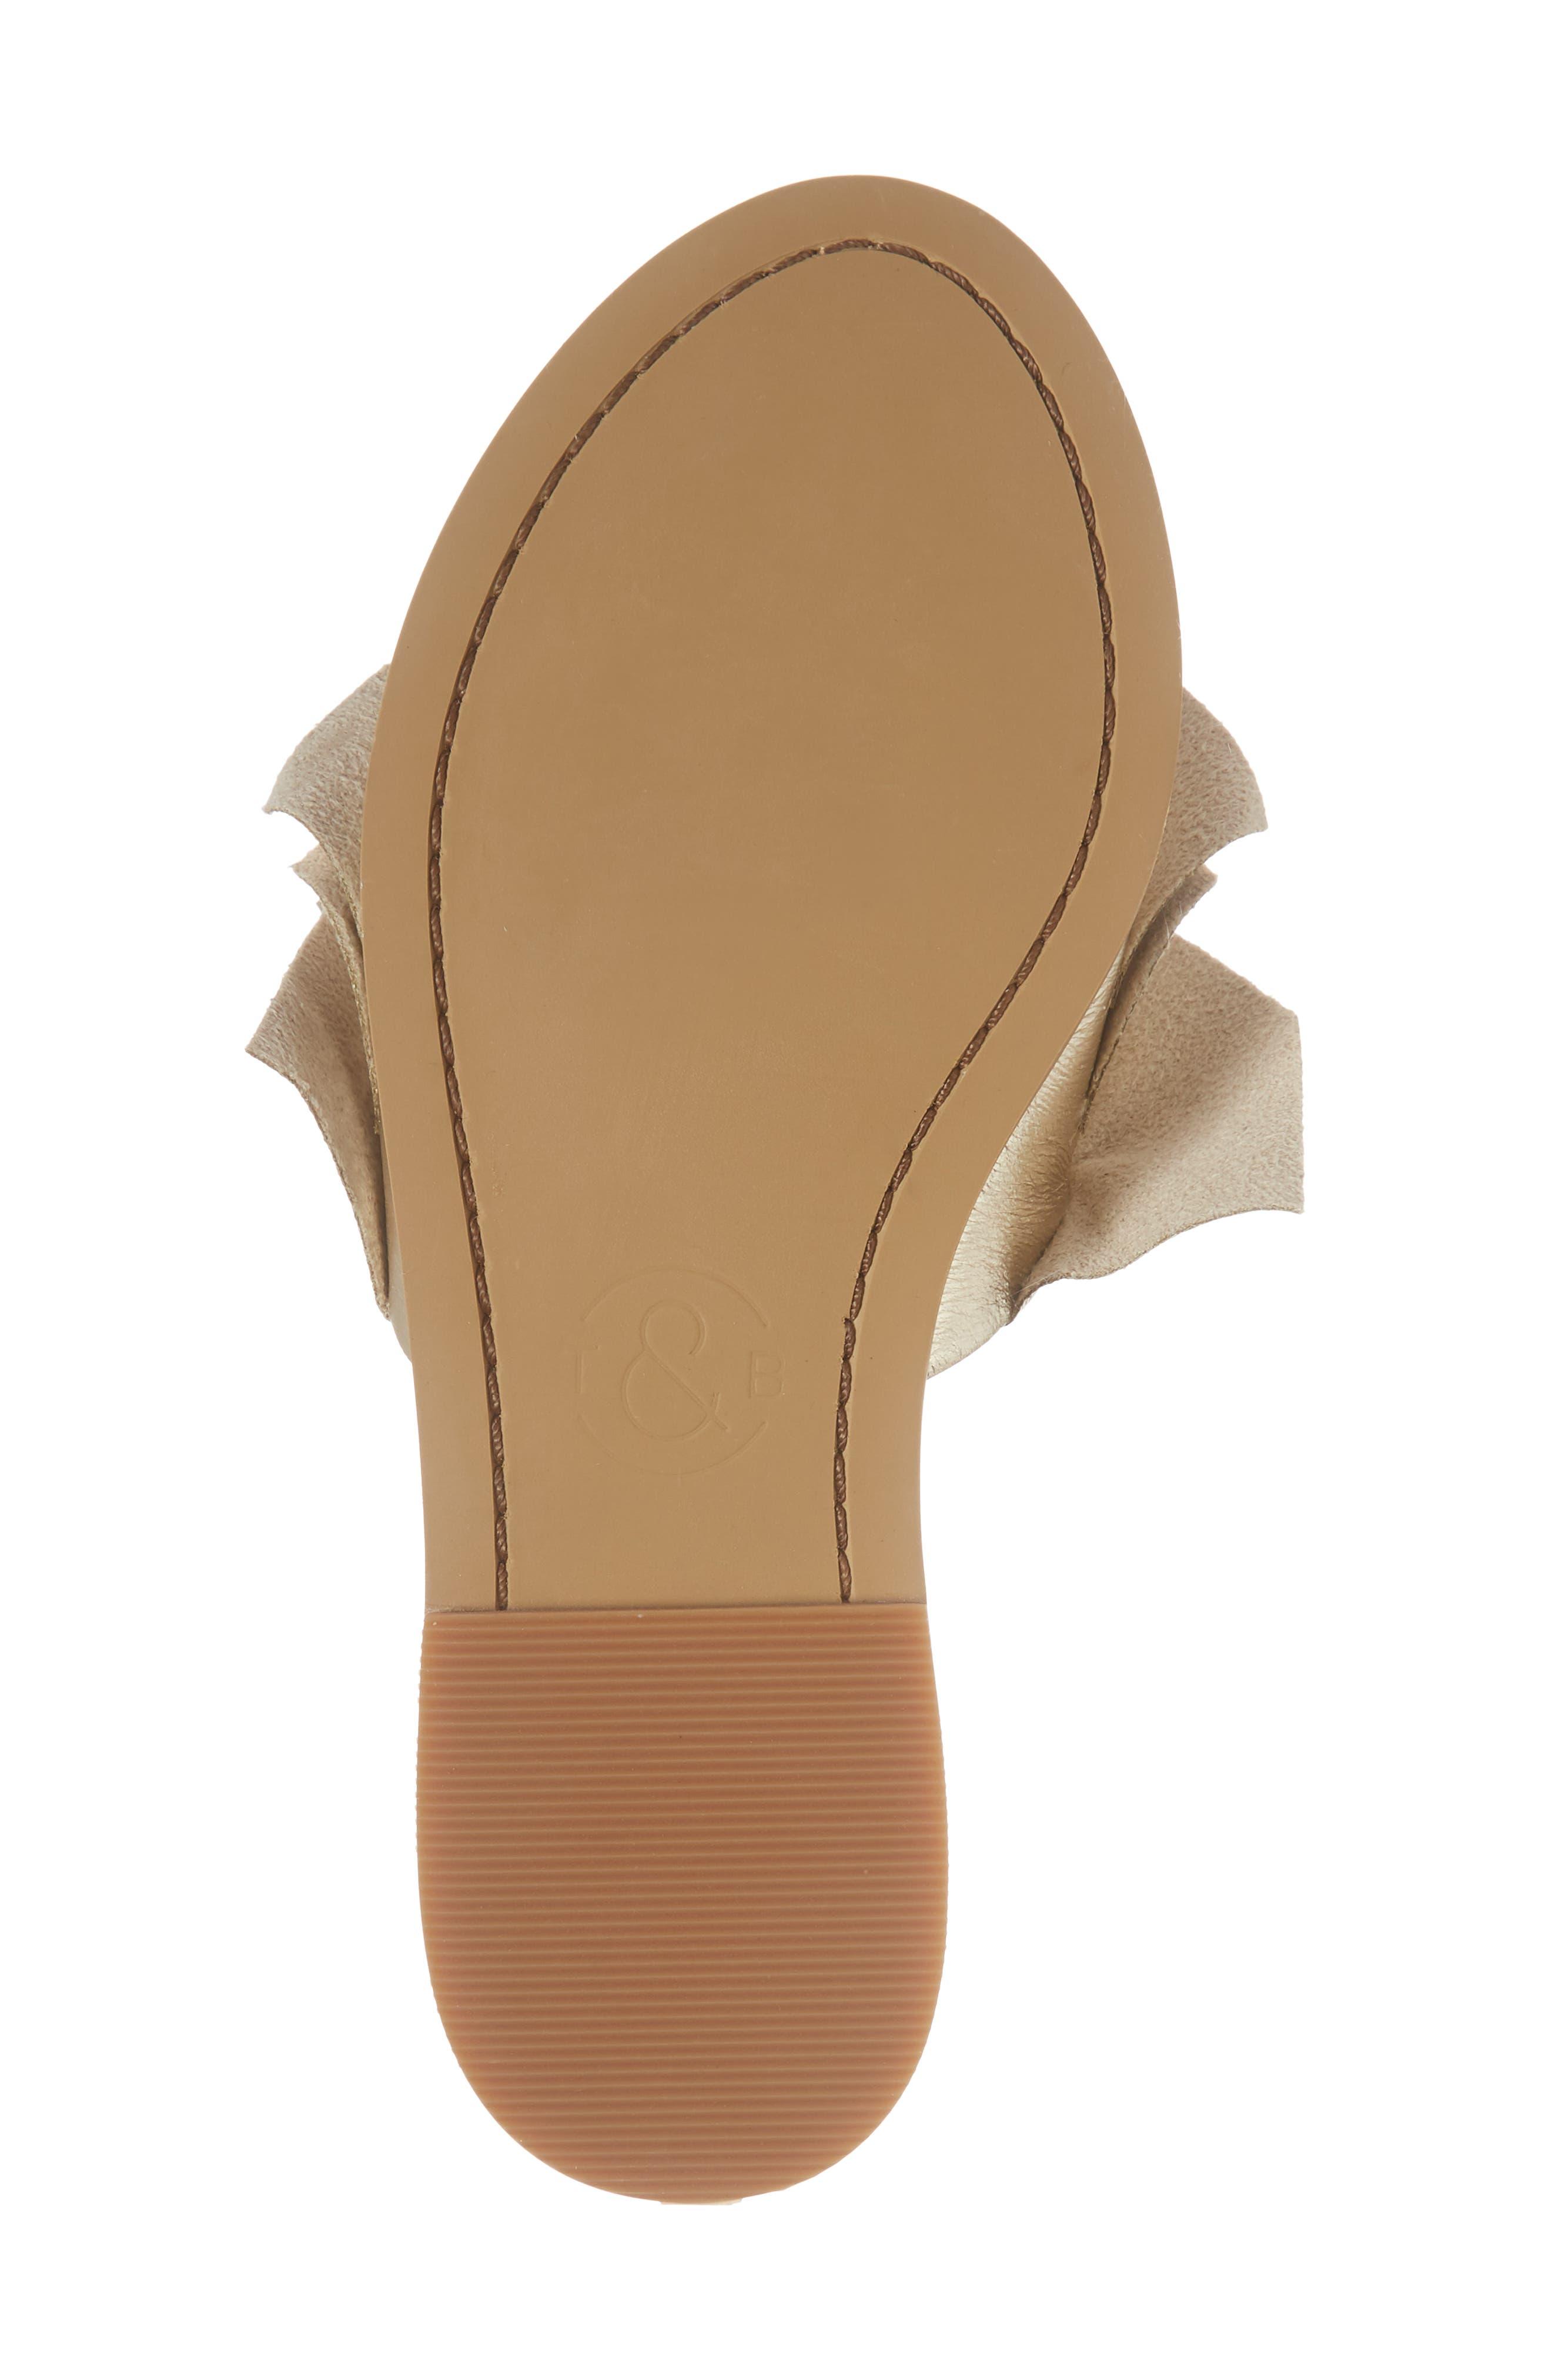 Ruby Ruffled Slide Sandal,                             Alternate thumbnail 6, color,                             710